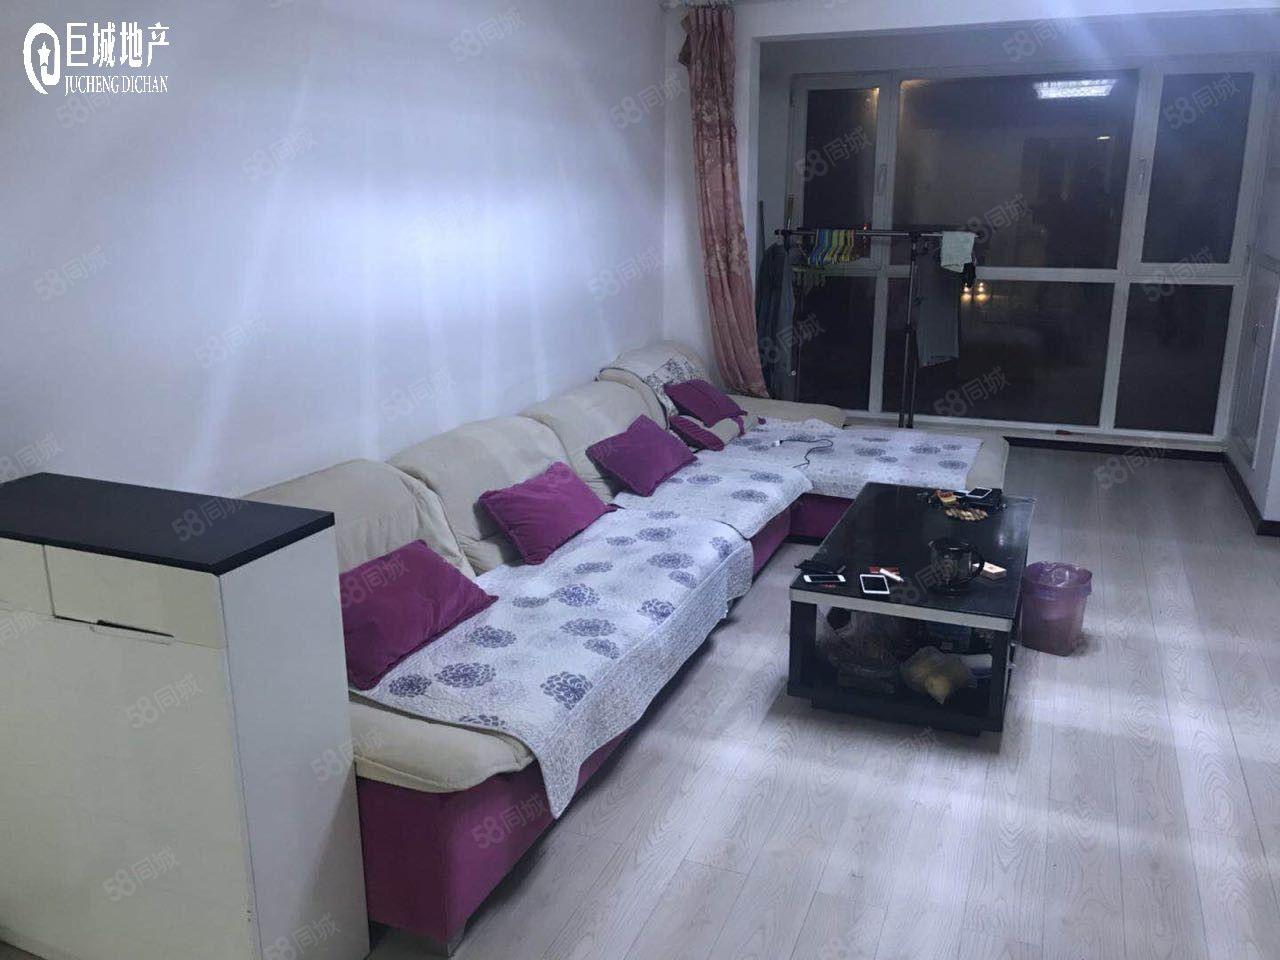 香漫花都2500元2室2厅0卫精装修,家具电器齐全非常